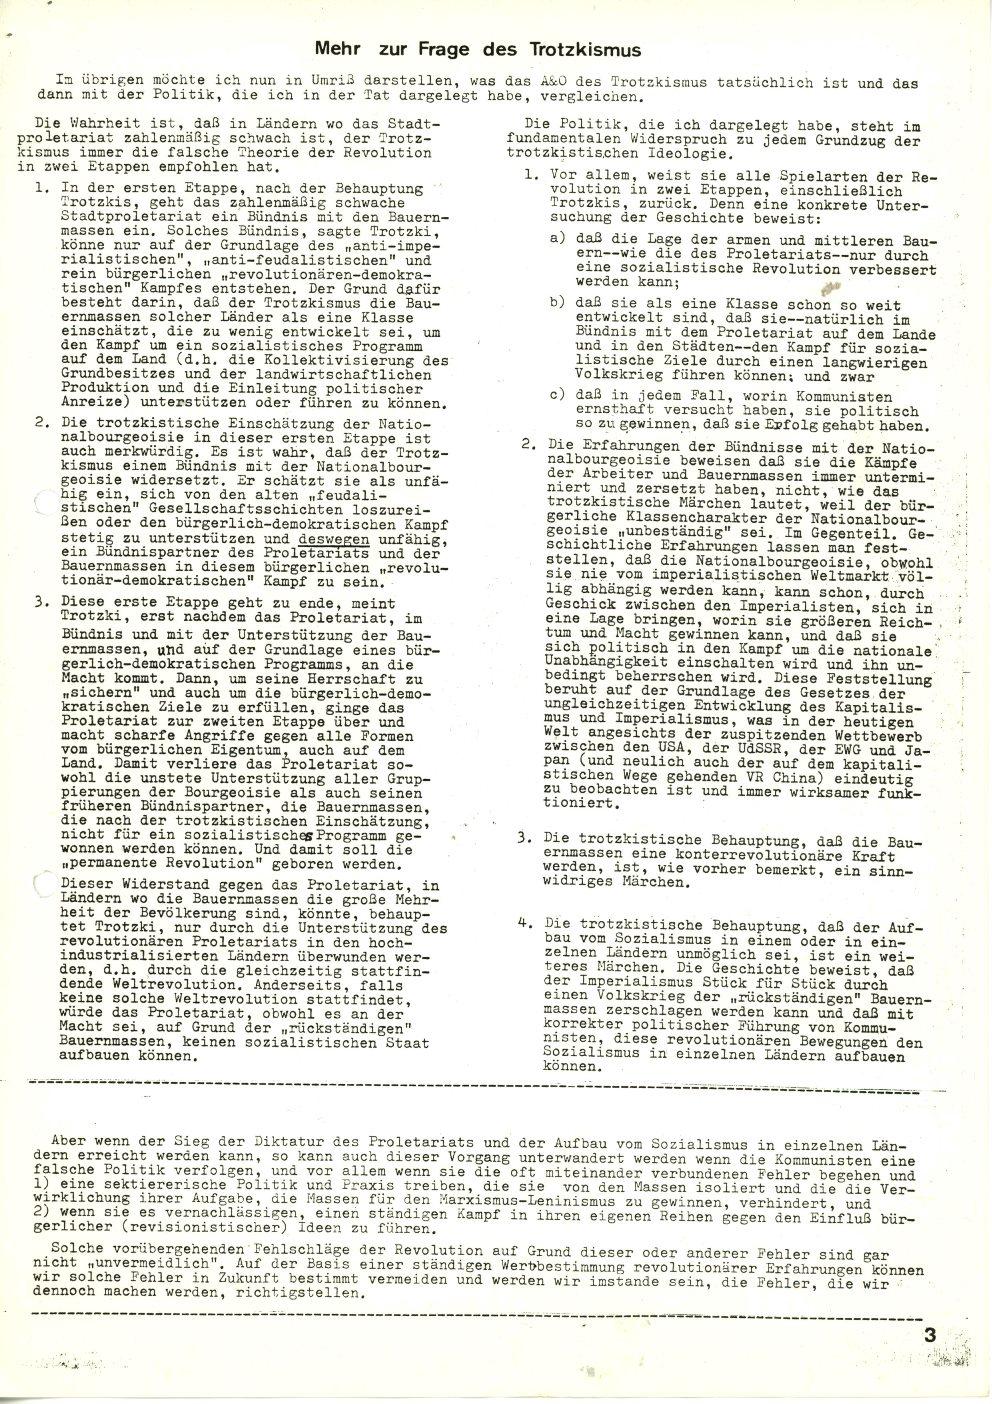 Muenchen_1972_Offener_Brief_an_die_KPDML_03